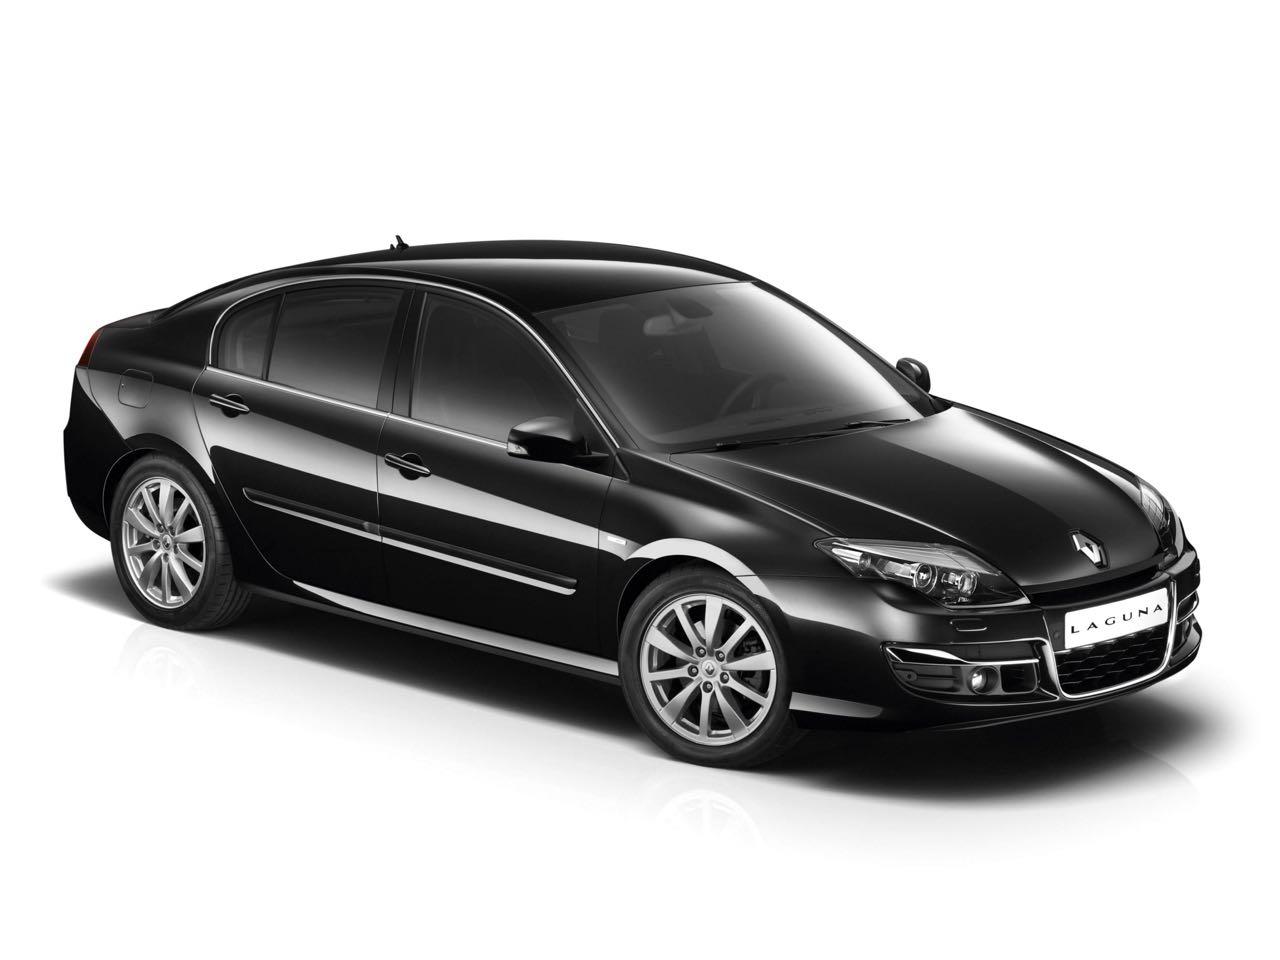 Renault Laguna 2010 – 9